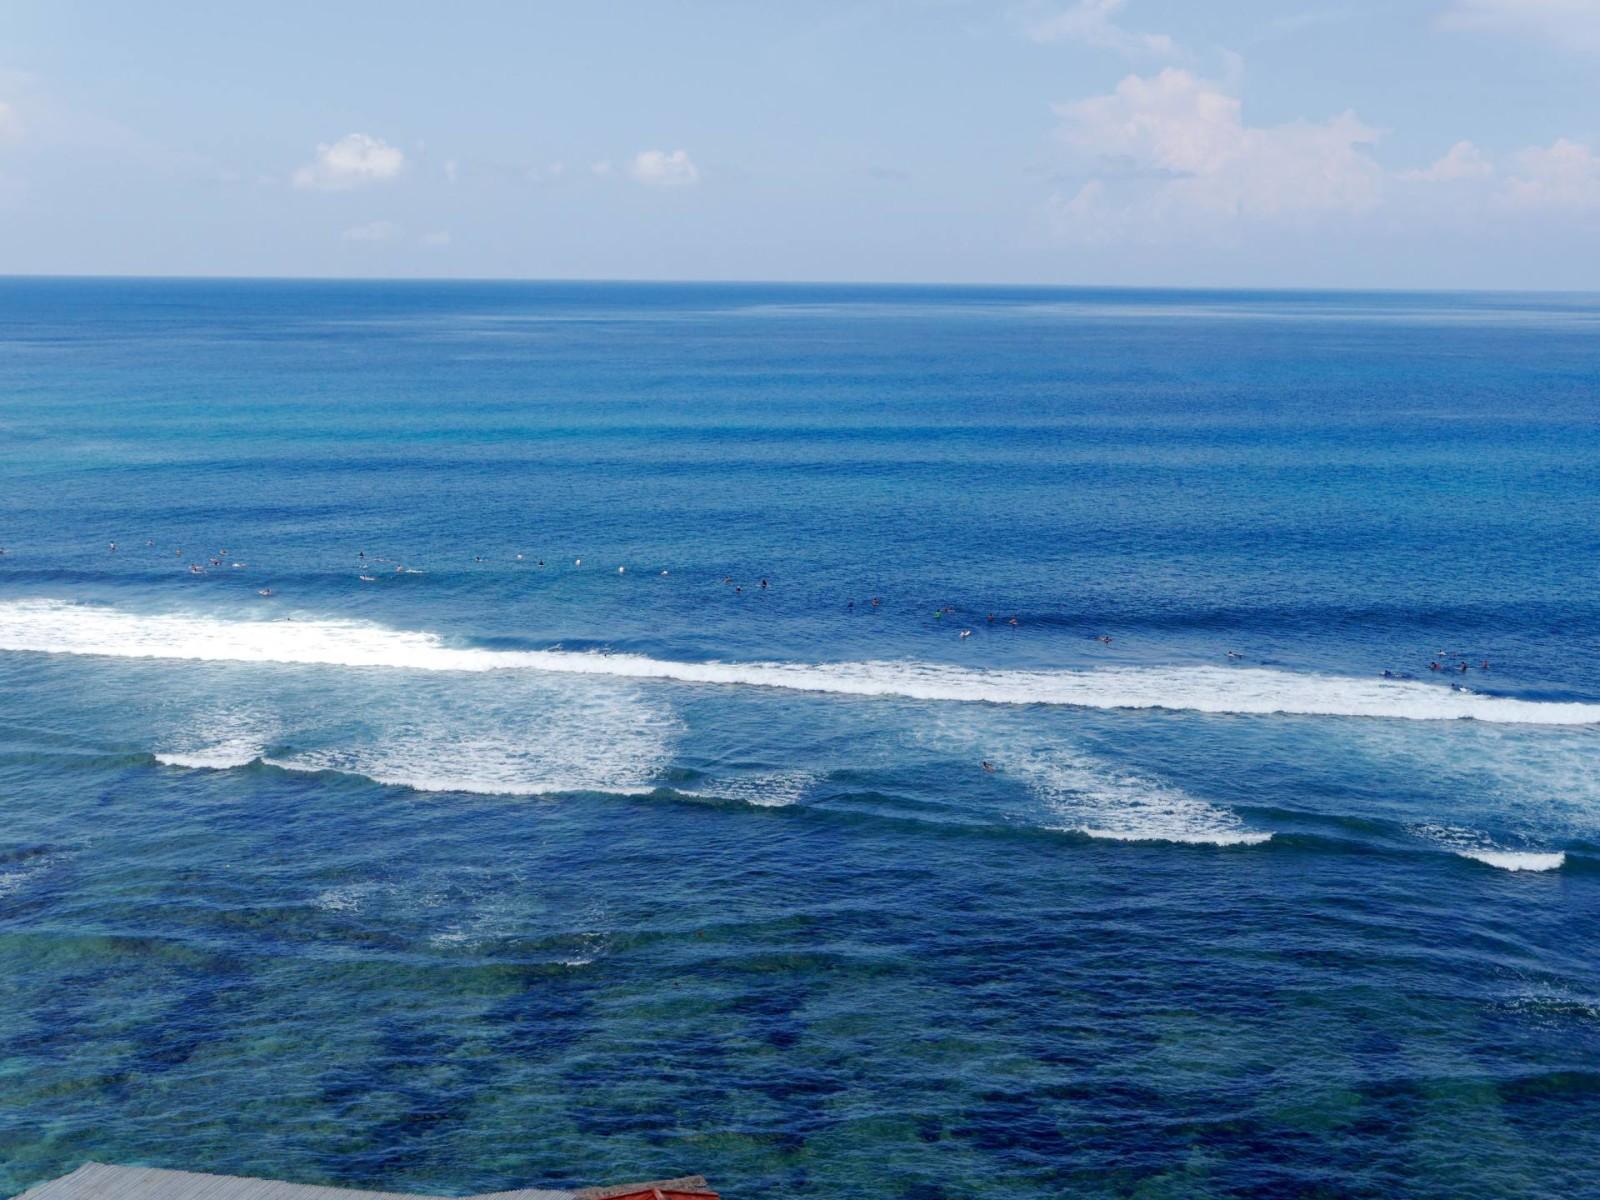 sulubang-beach-bali